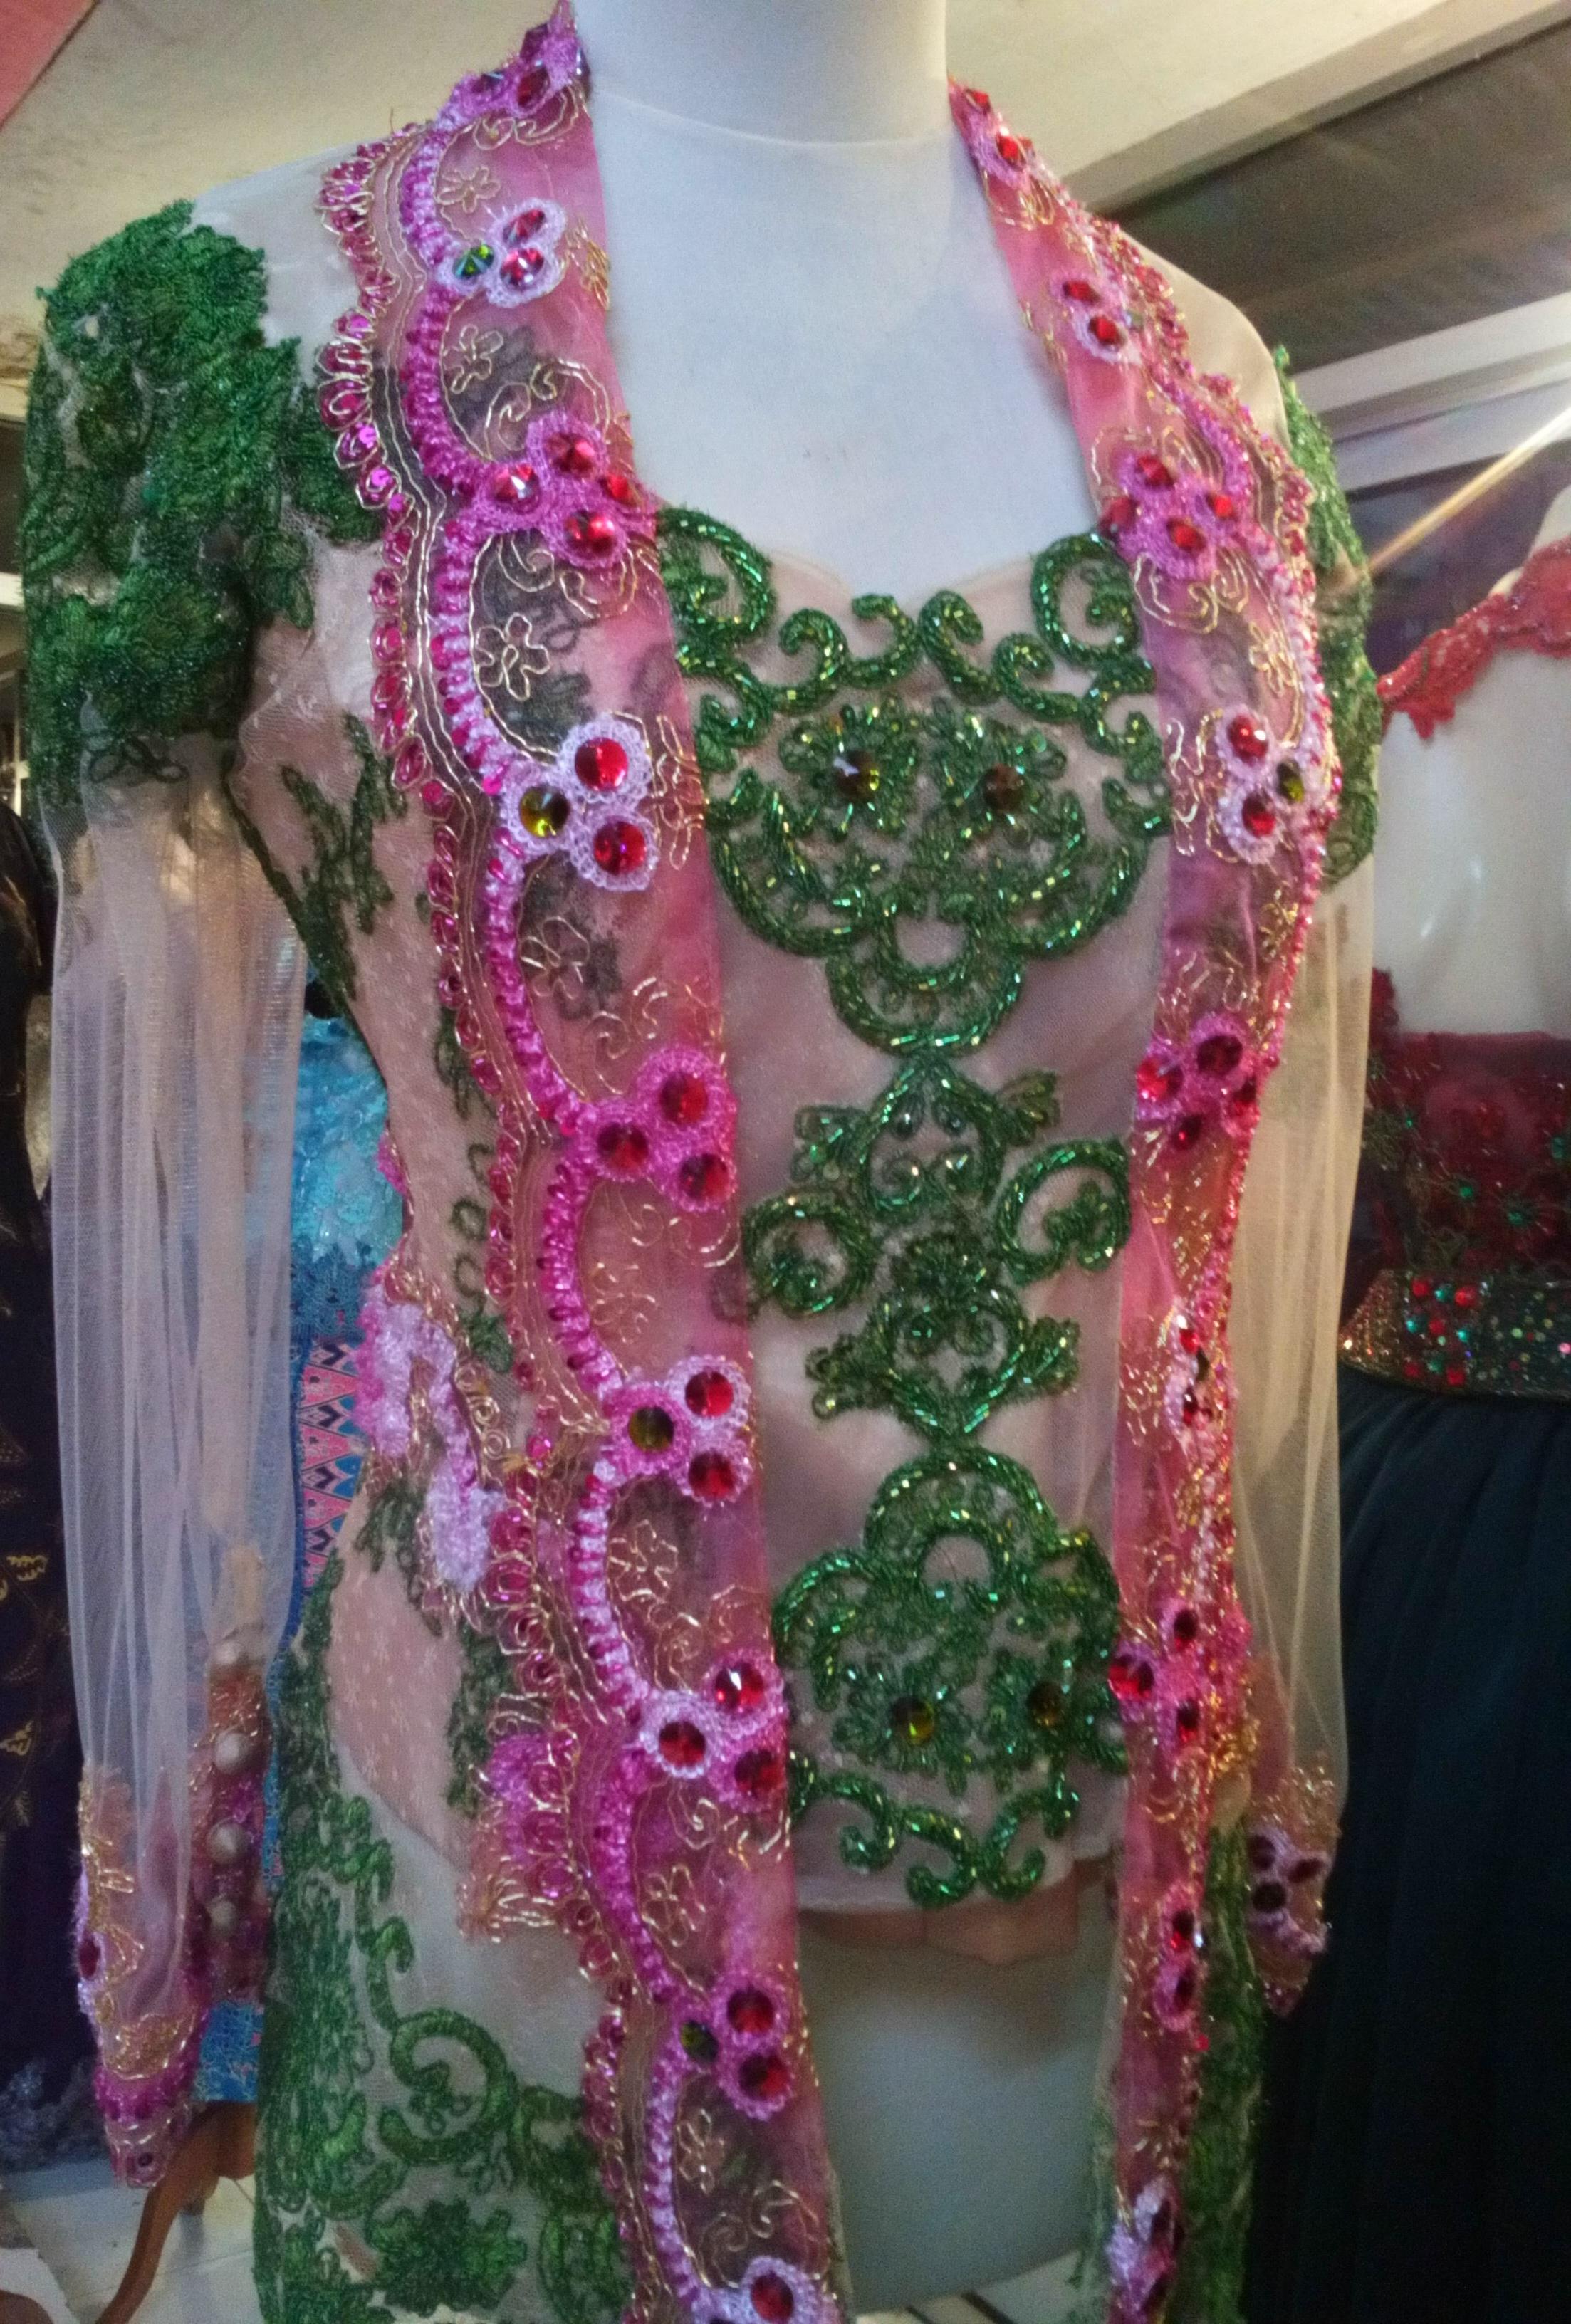 ungu putih pink hijau dan motif motif yang dinamis seperti